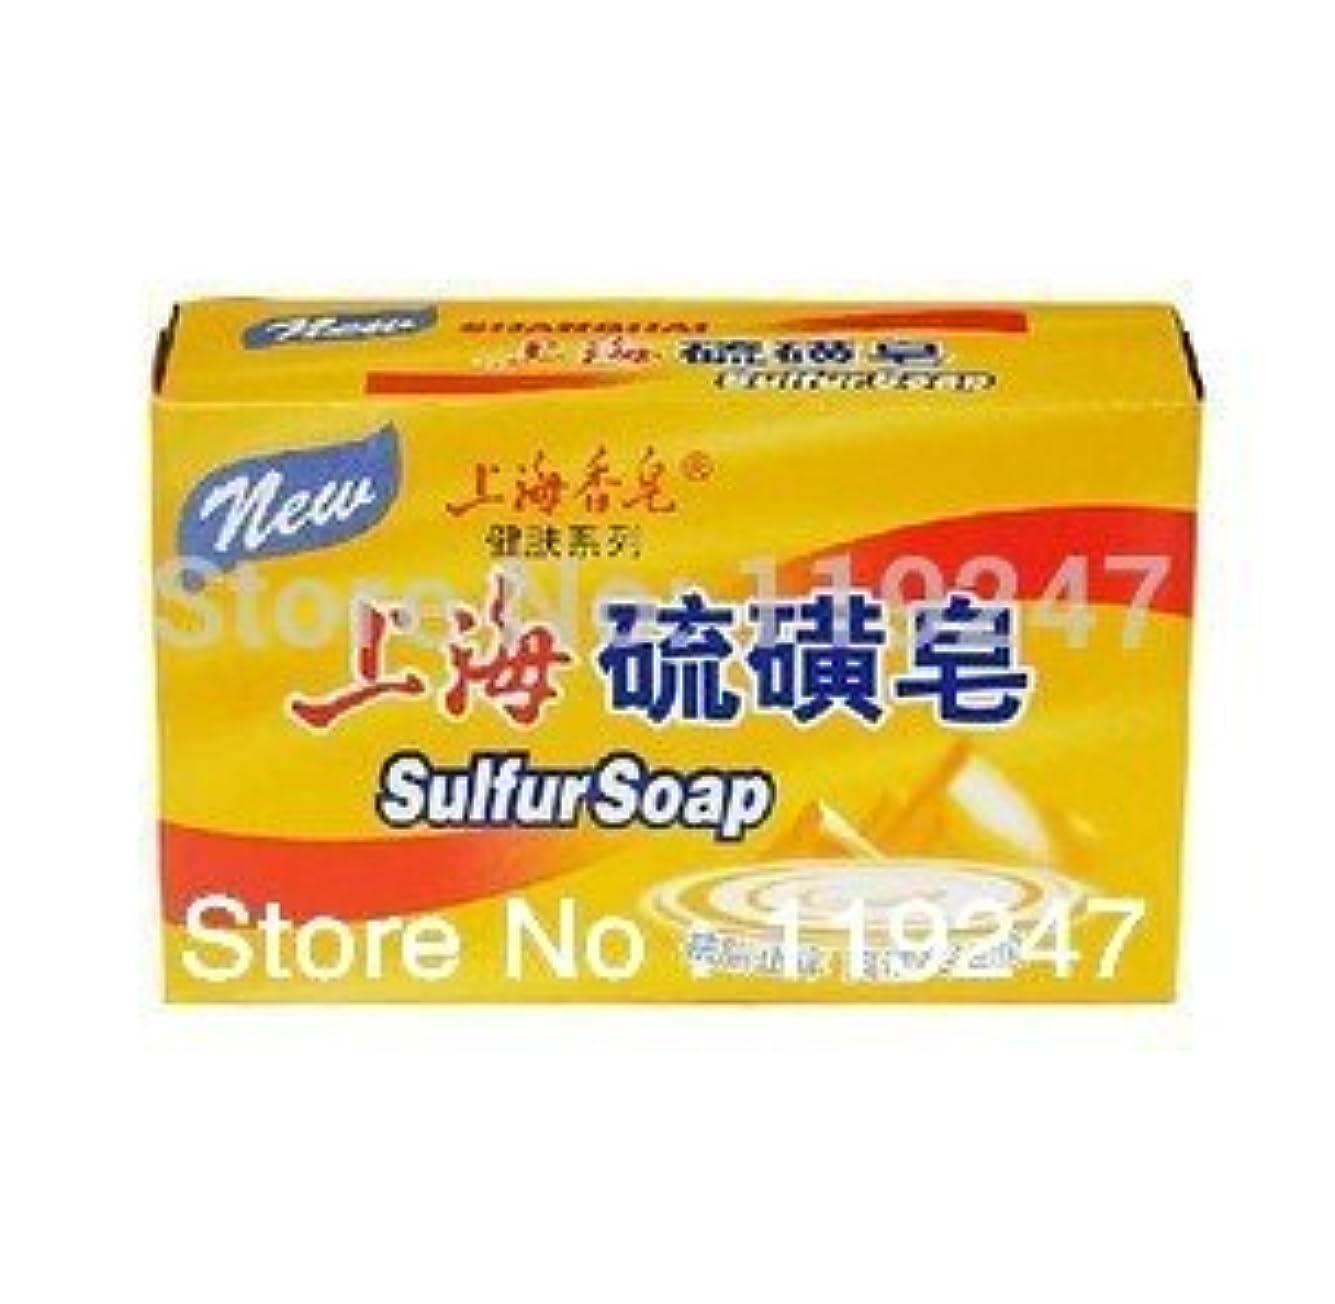 予言する混乱レイプLorny (TM) 上海硫黄石鹸アンチ菌ダニ、ストップかゆみ125グラム格安 [並行輸入品]